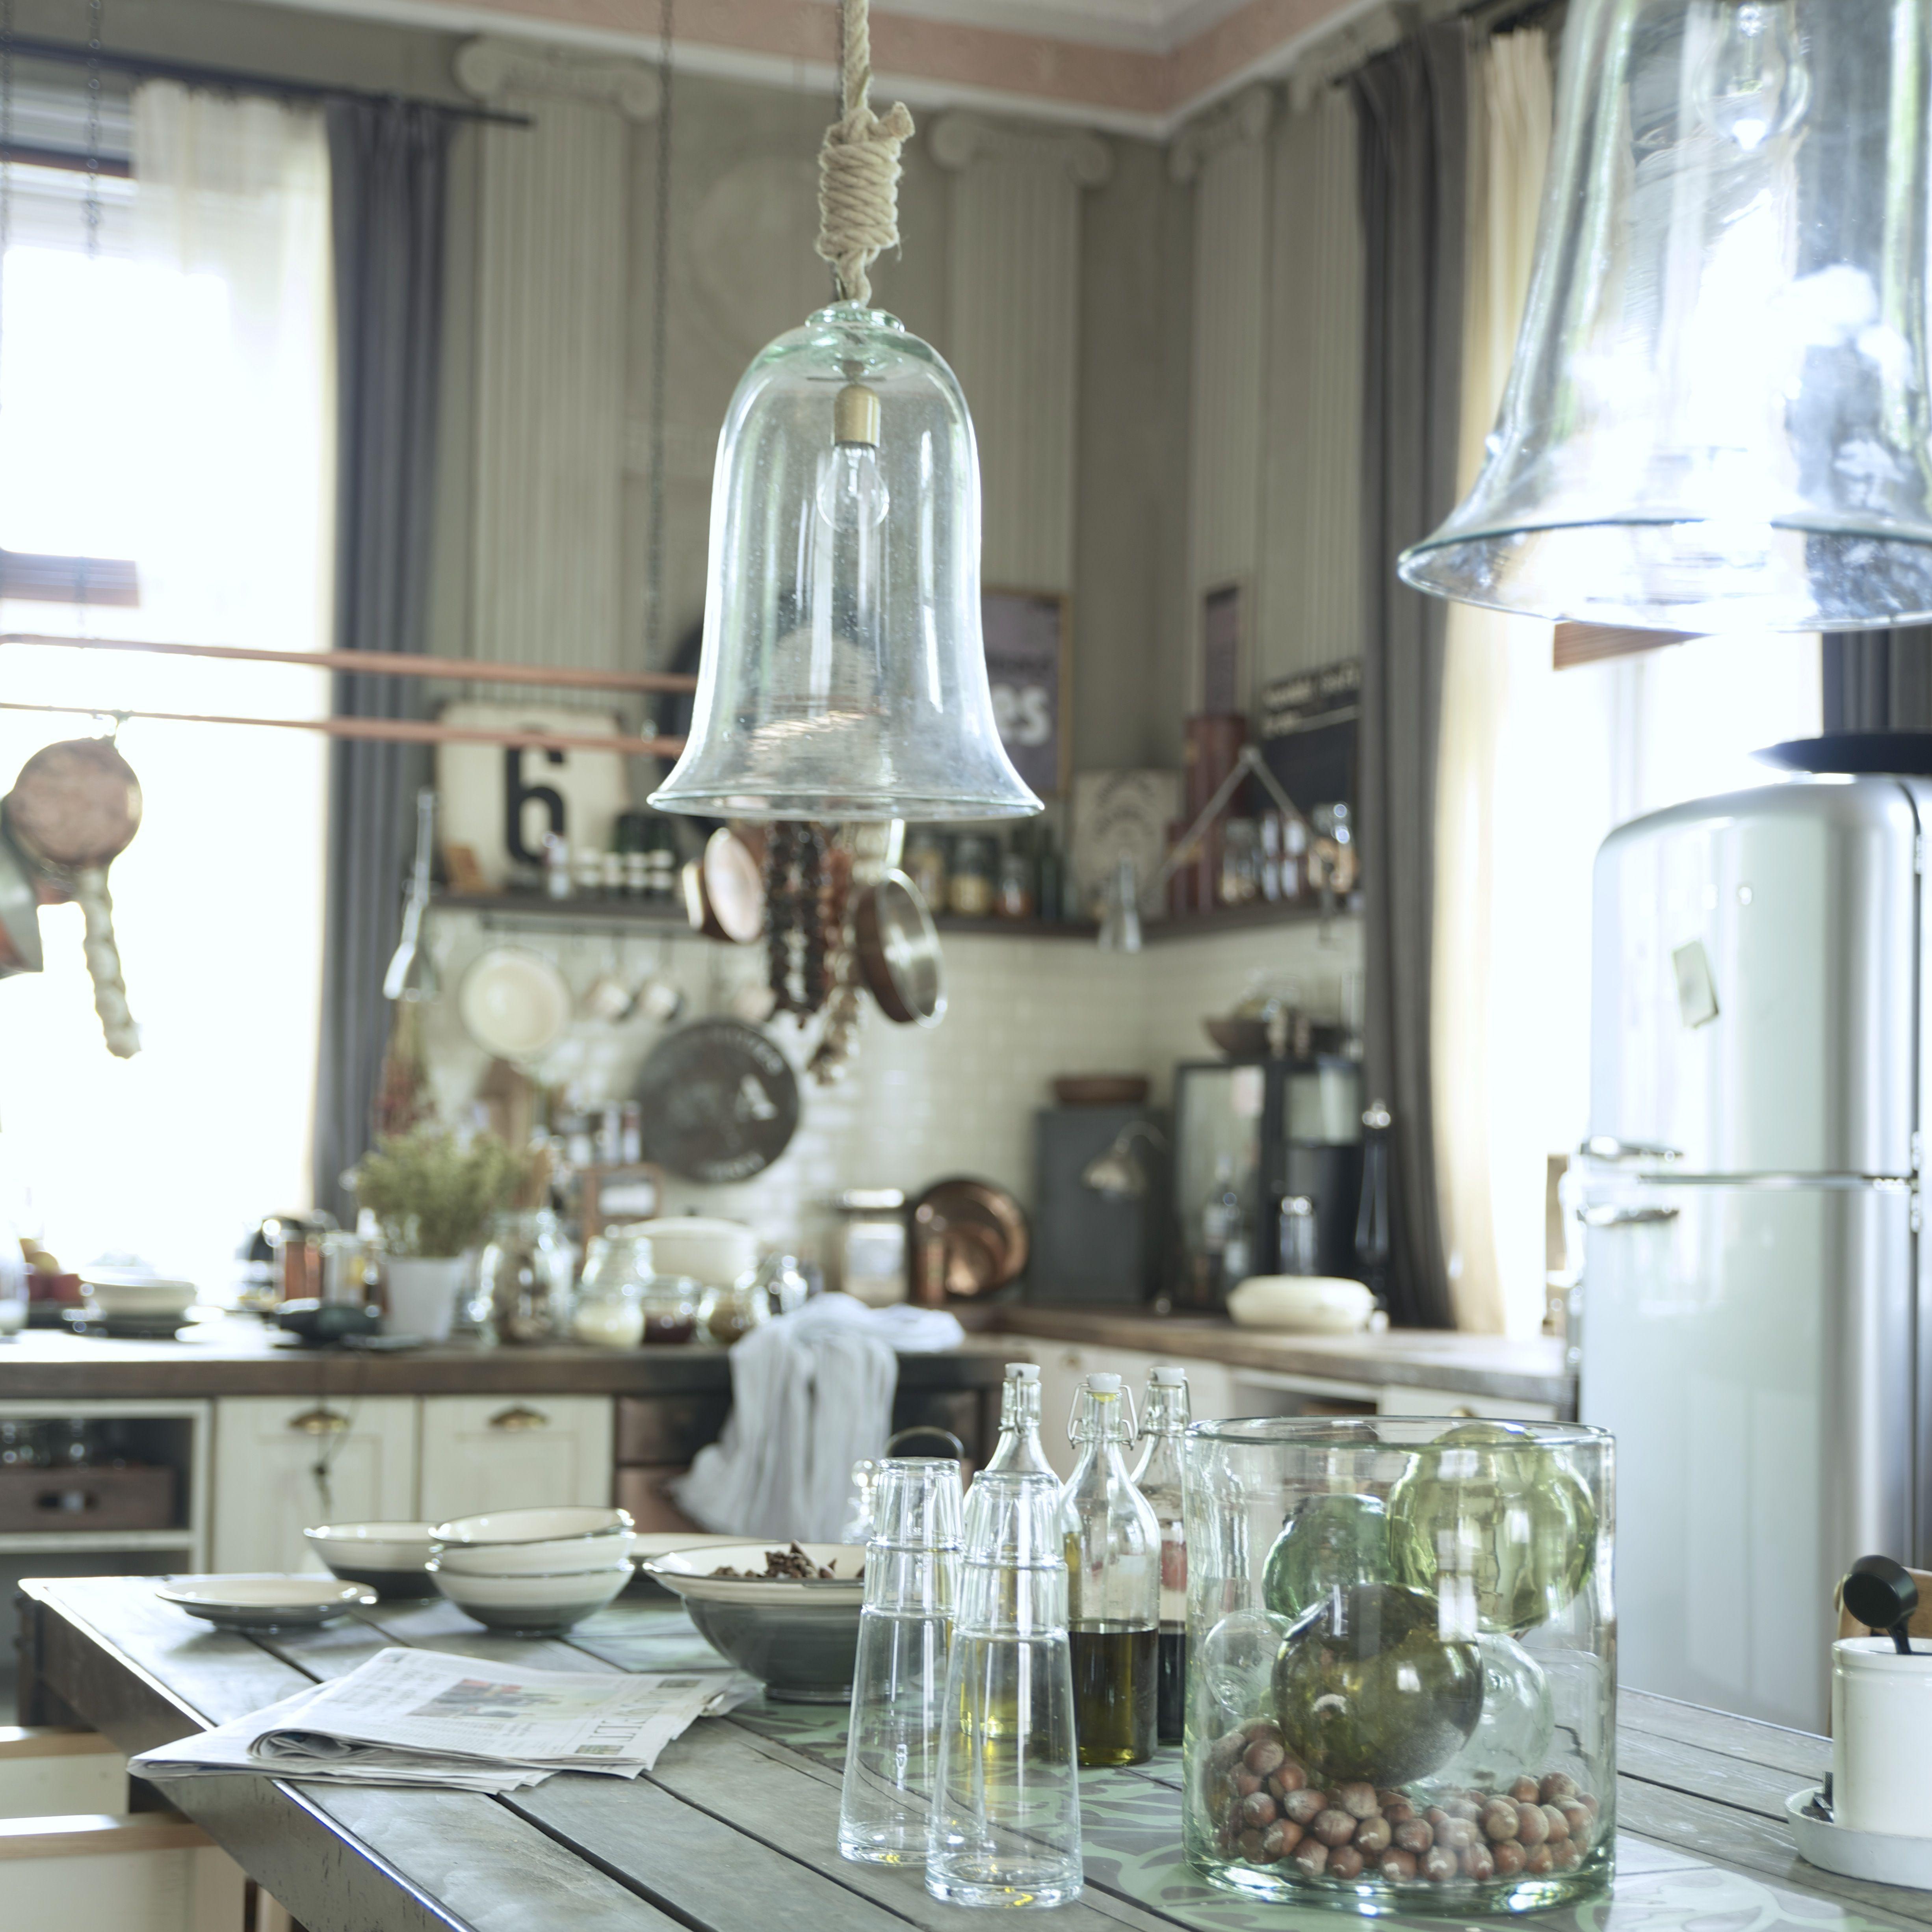 Einrichtung mit Charme! | Barefoot Living by Til Schweiger #deko ...